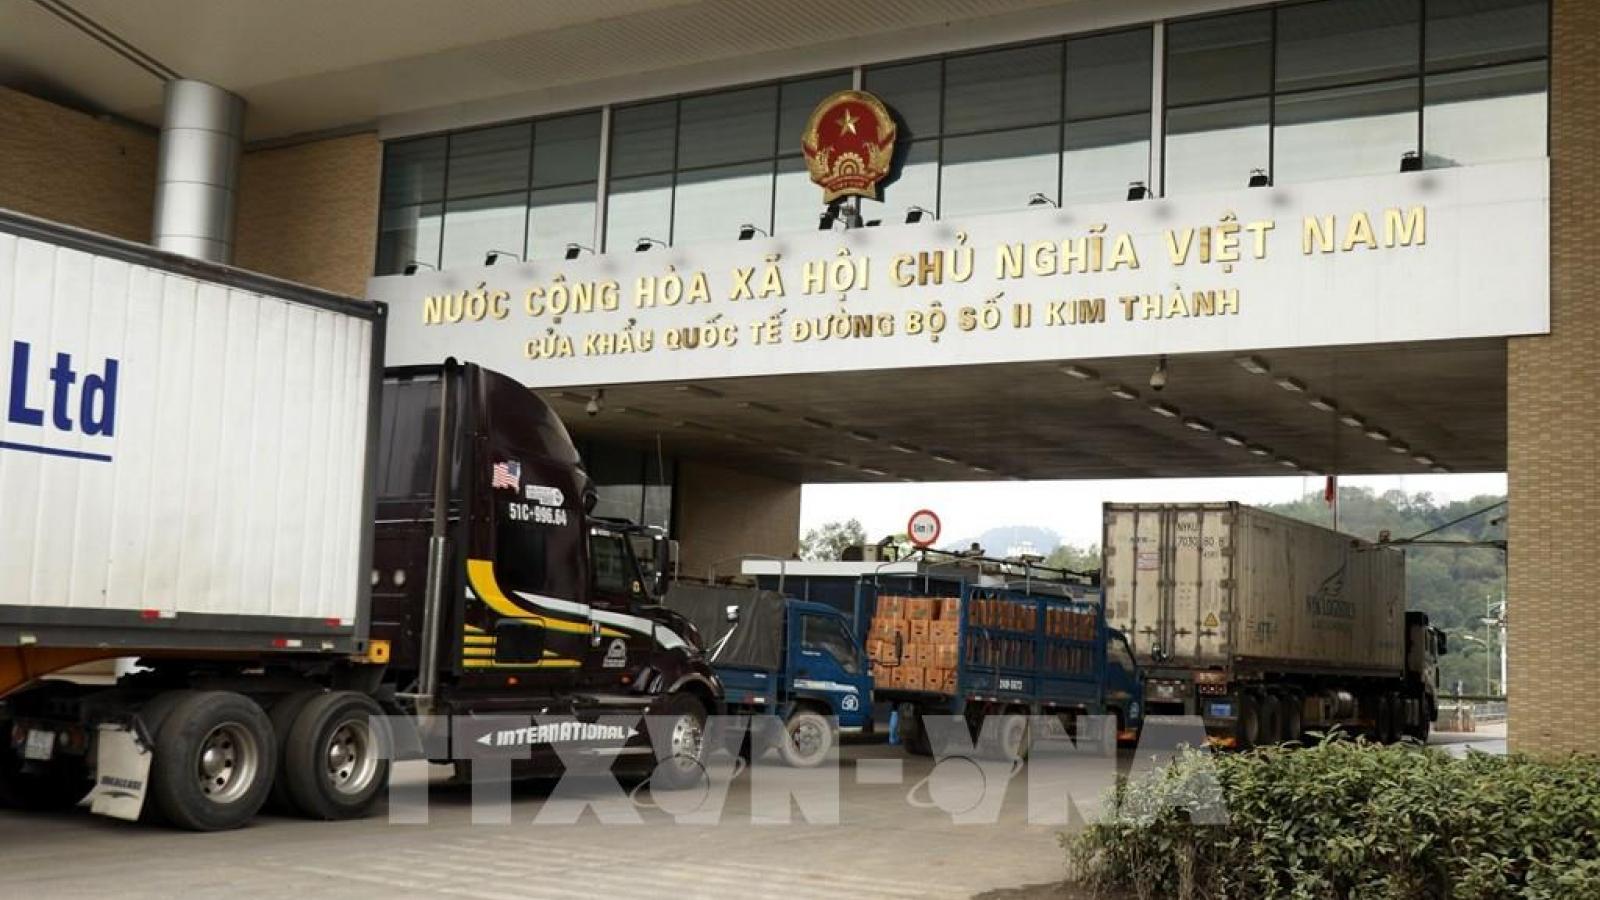 Hoạt động ngoại thương tại cửa khẩu Kim Thành đã trở lại bình thường